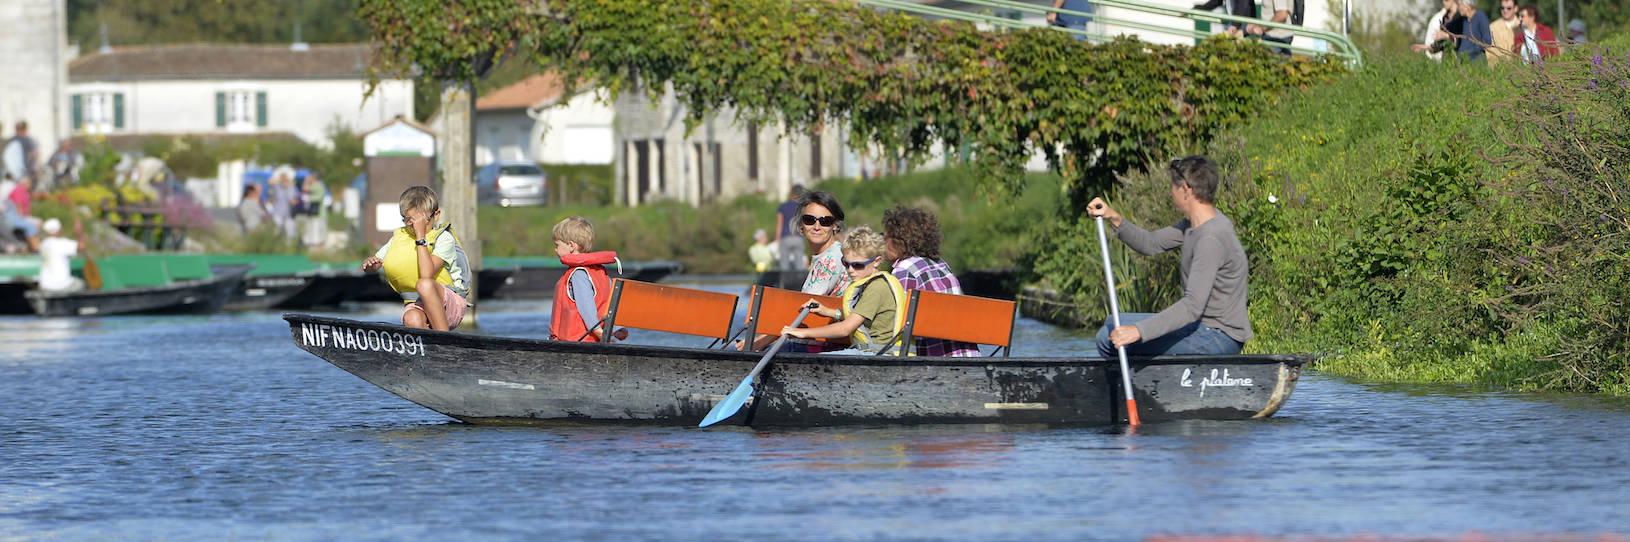 Location de barque à Coulon dans le Marais poitevin